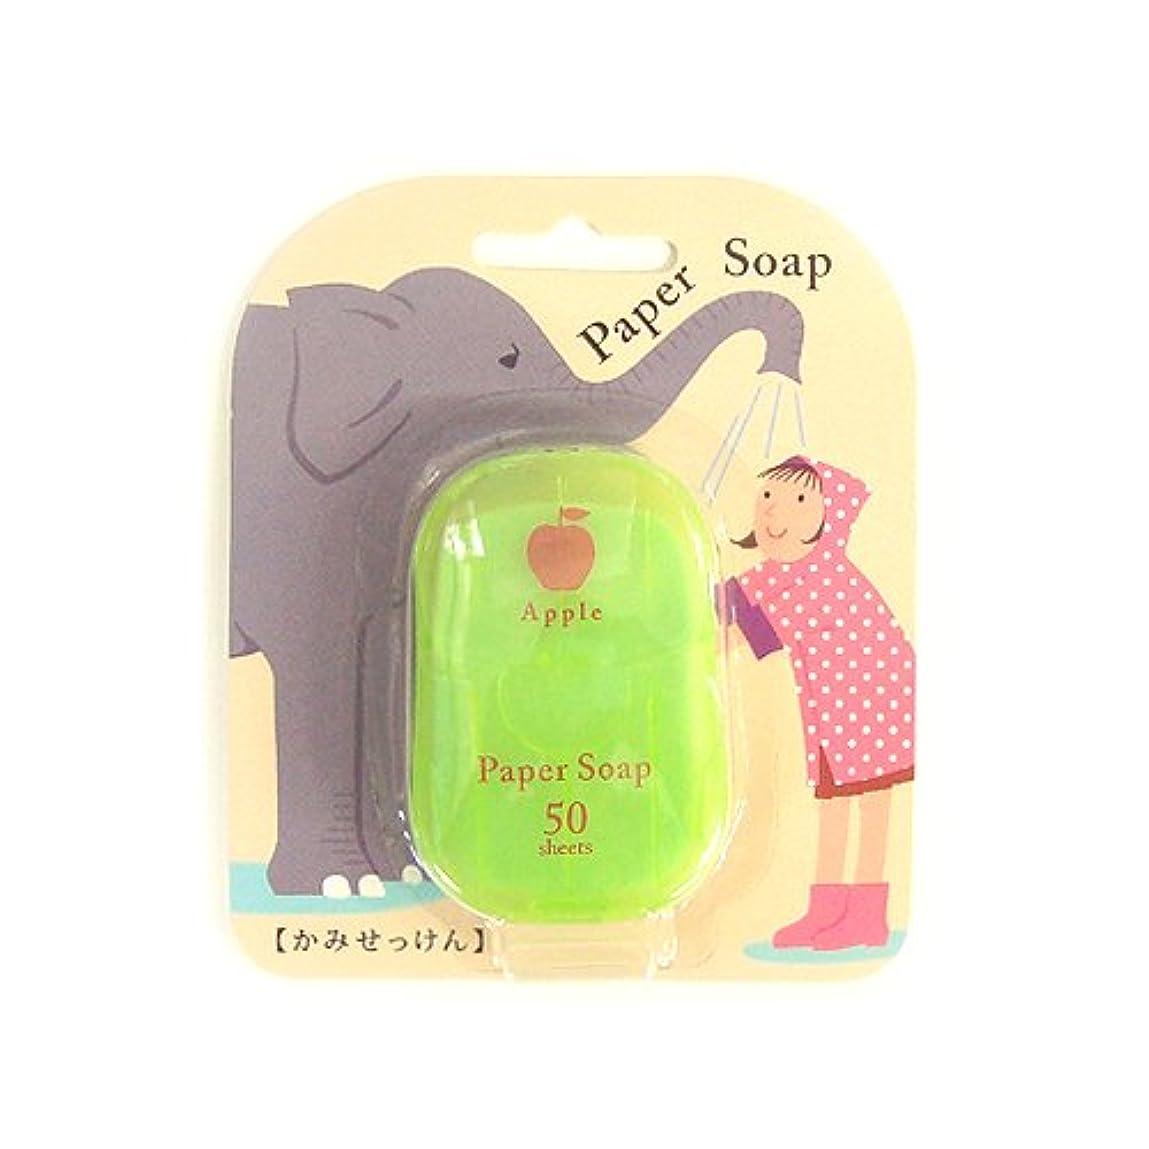 免除進化するブレークペーパーソープ(かみせっけん) アップルの香り